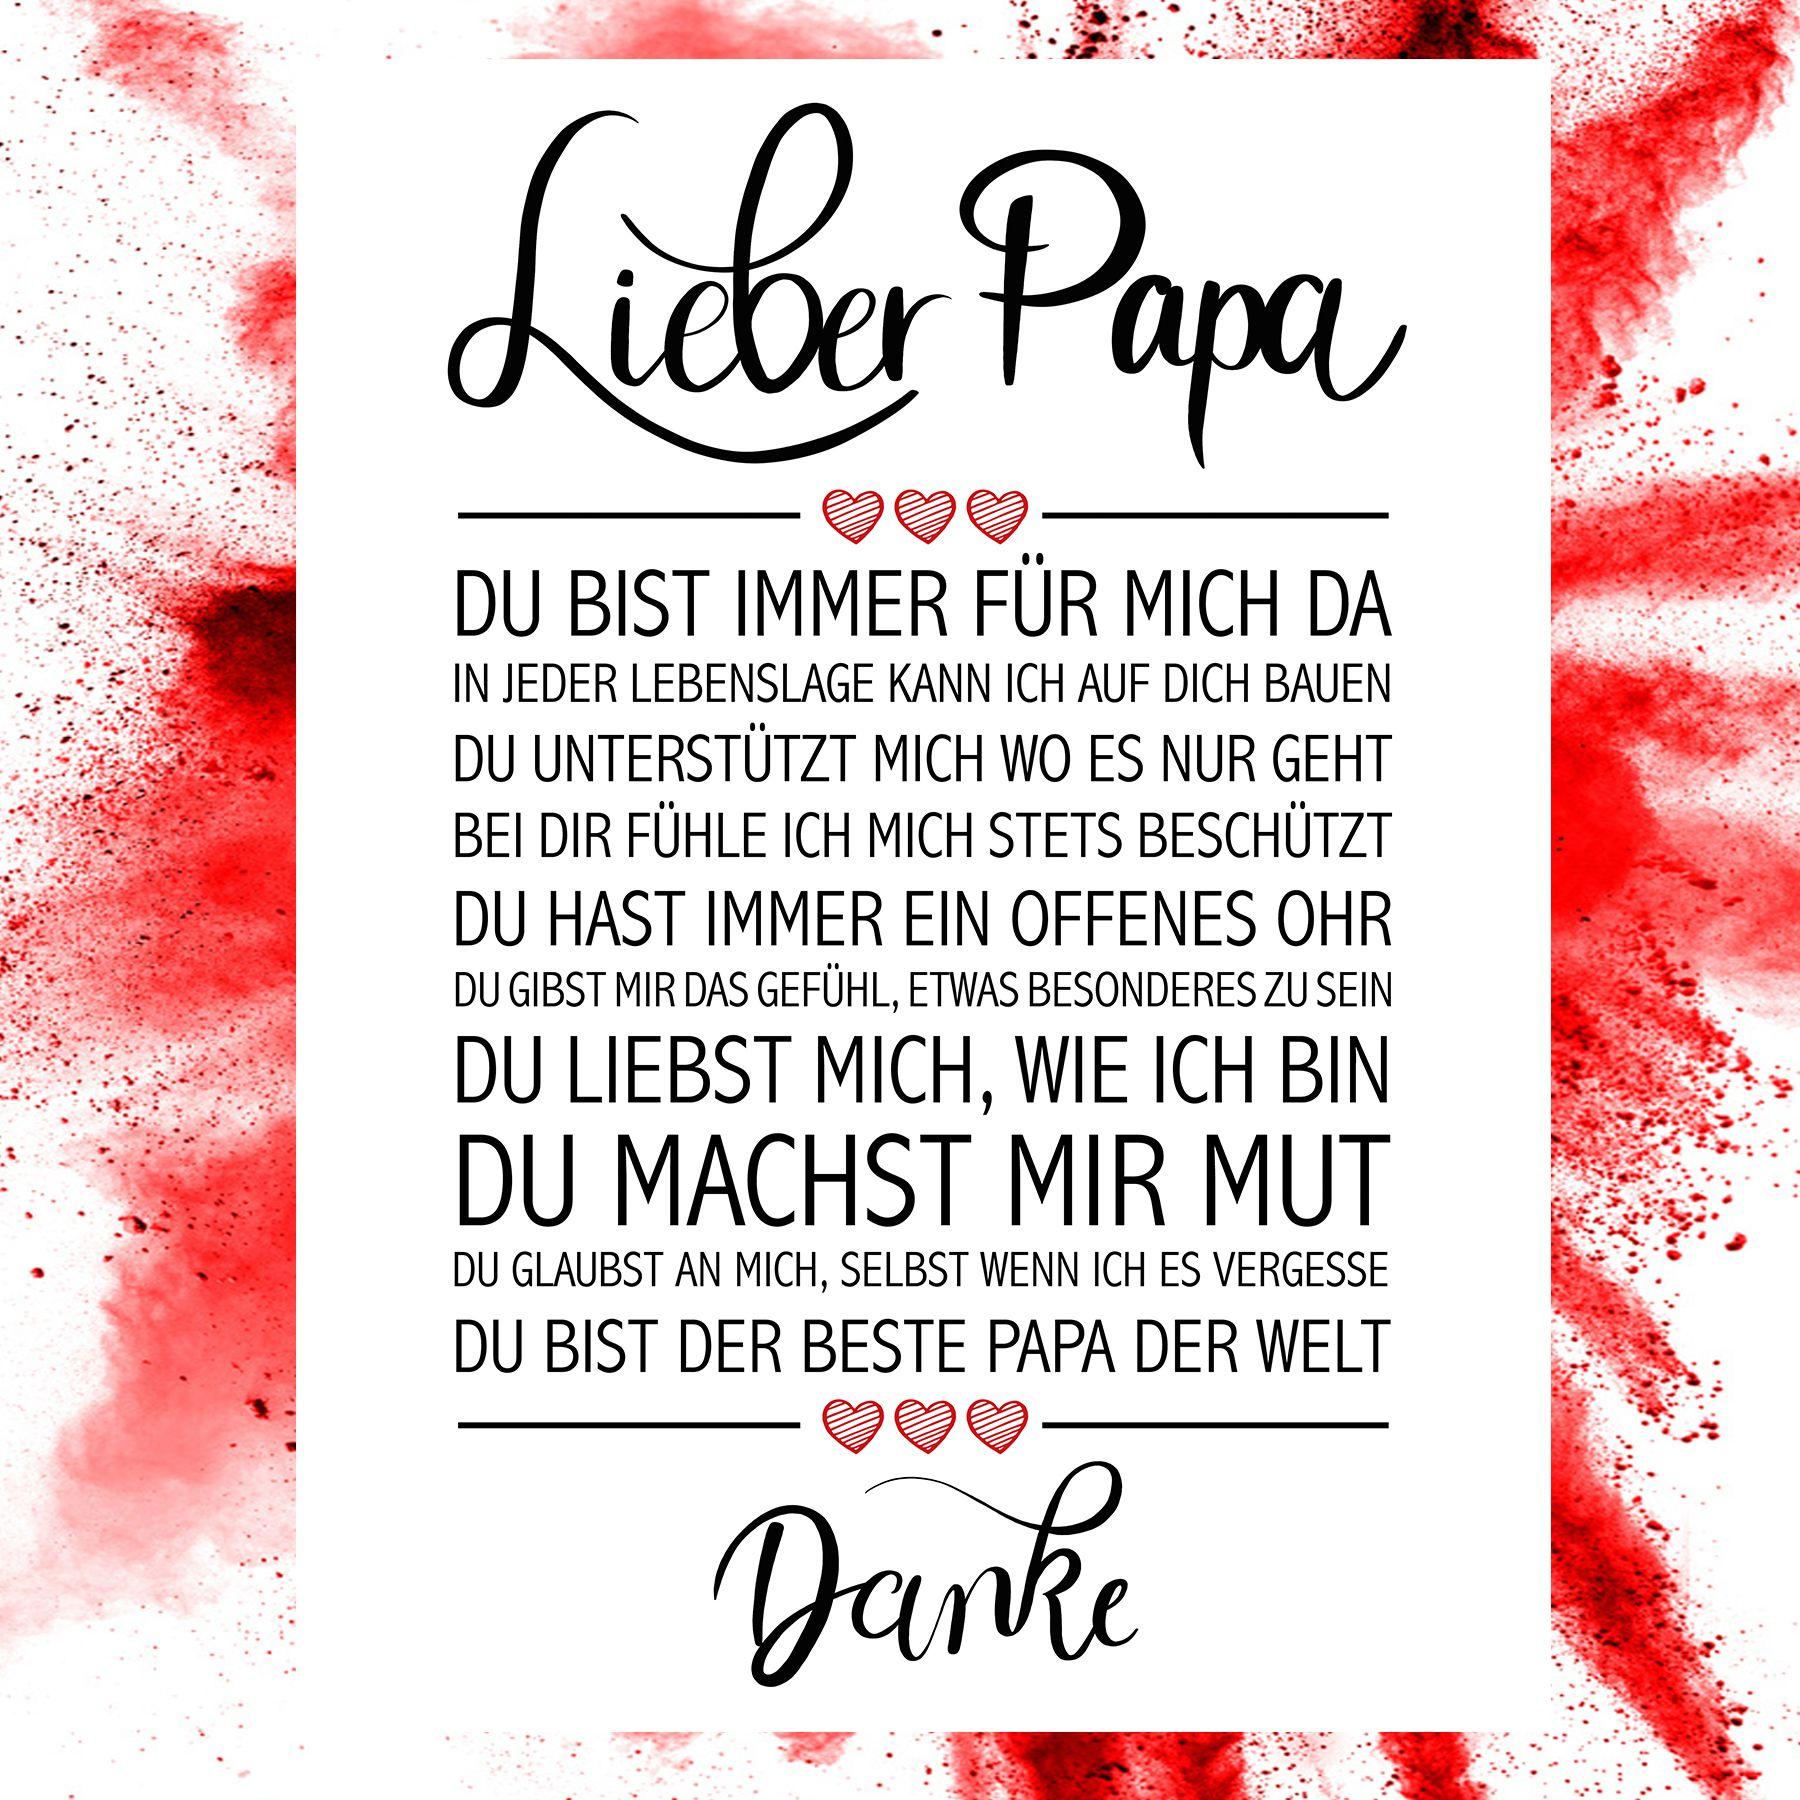 Lieber Papa Kunstdruck Mutter Zitate Gedichte Fur Sohne Und